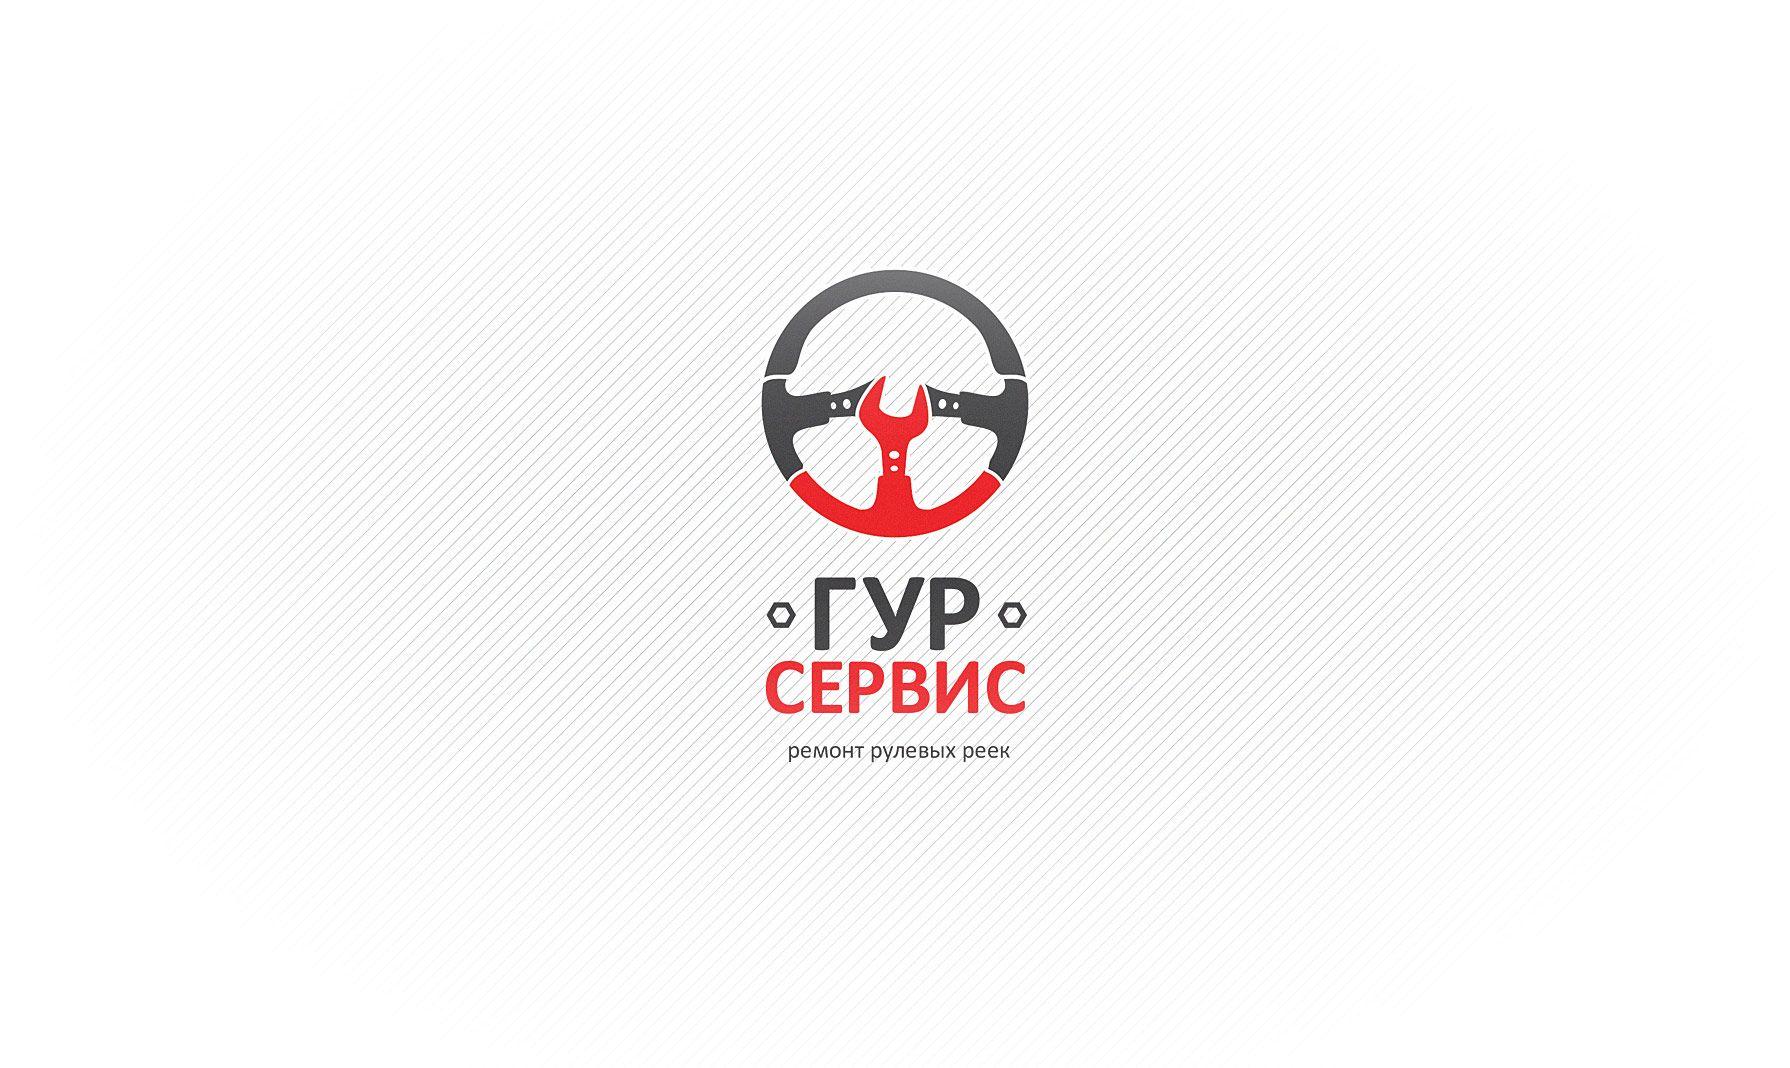 Логотип для ГУР-СЕРВИС - дизайнер ChameleonStudio